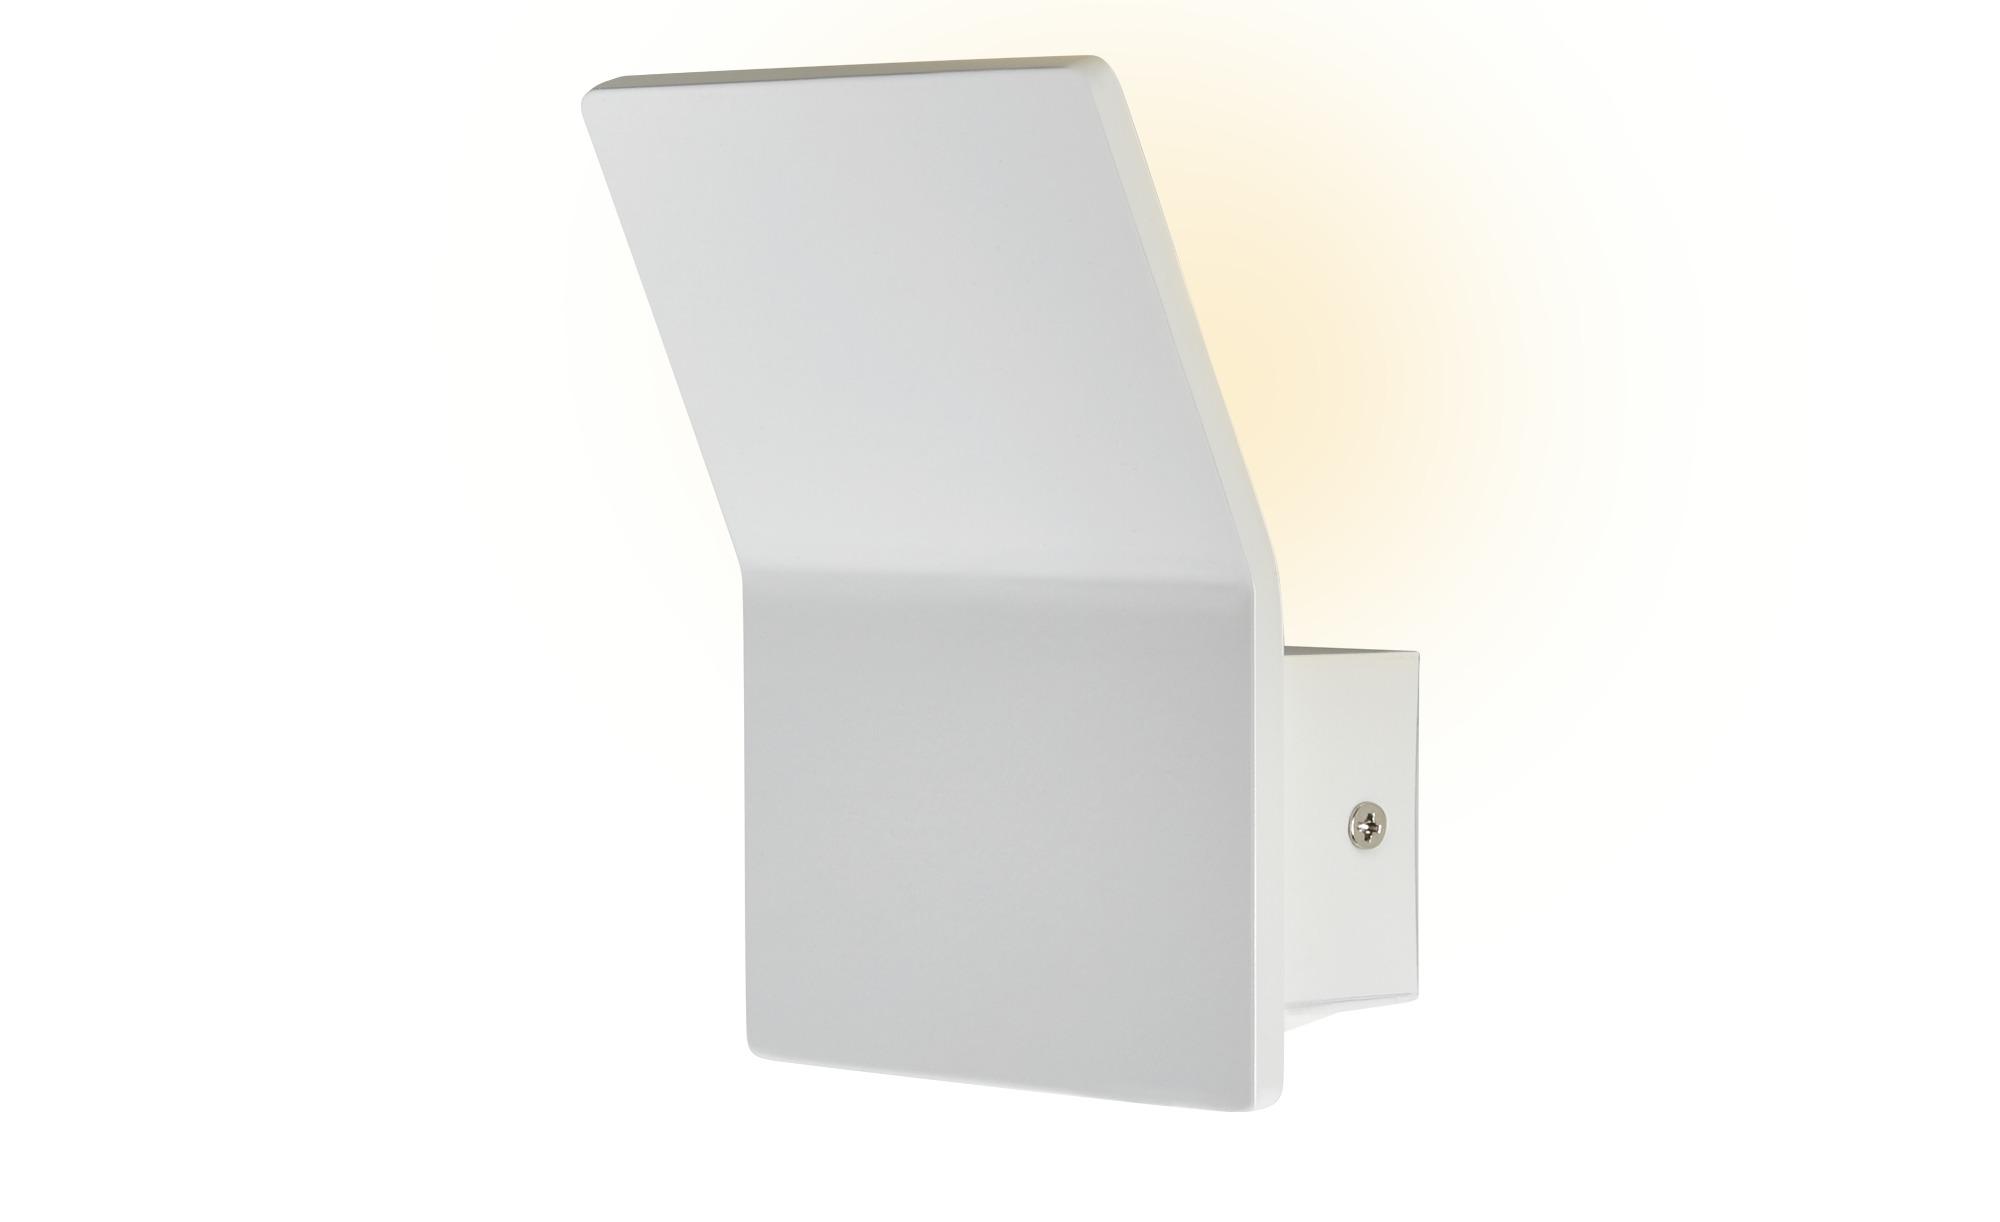 Meisterleuchten LED-Wandleuchte, 1-flammig, Weiß ¦ weiß ¦ Maße (cm): B: 12 H: 7 Lampen & Leuchten > Innenleuchten > Wandleuchten - Höffner